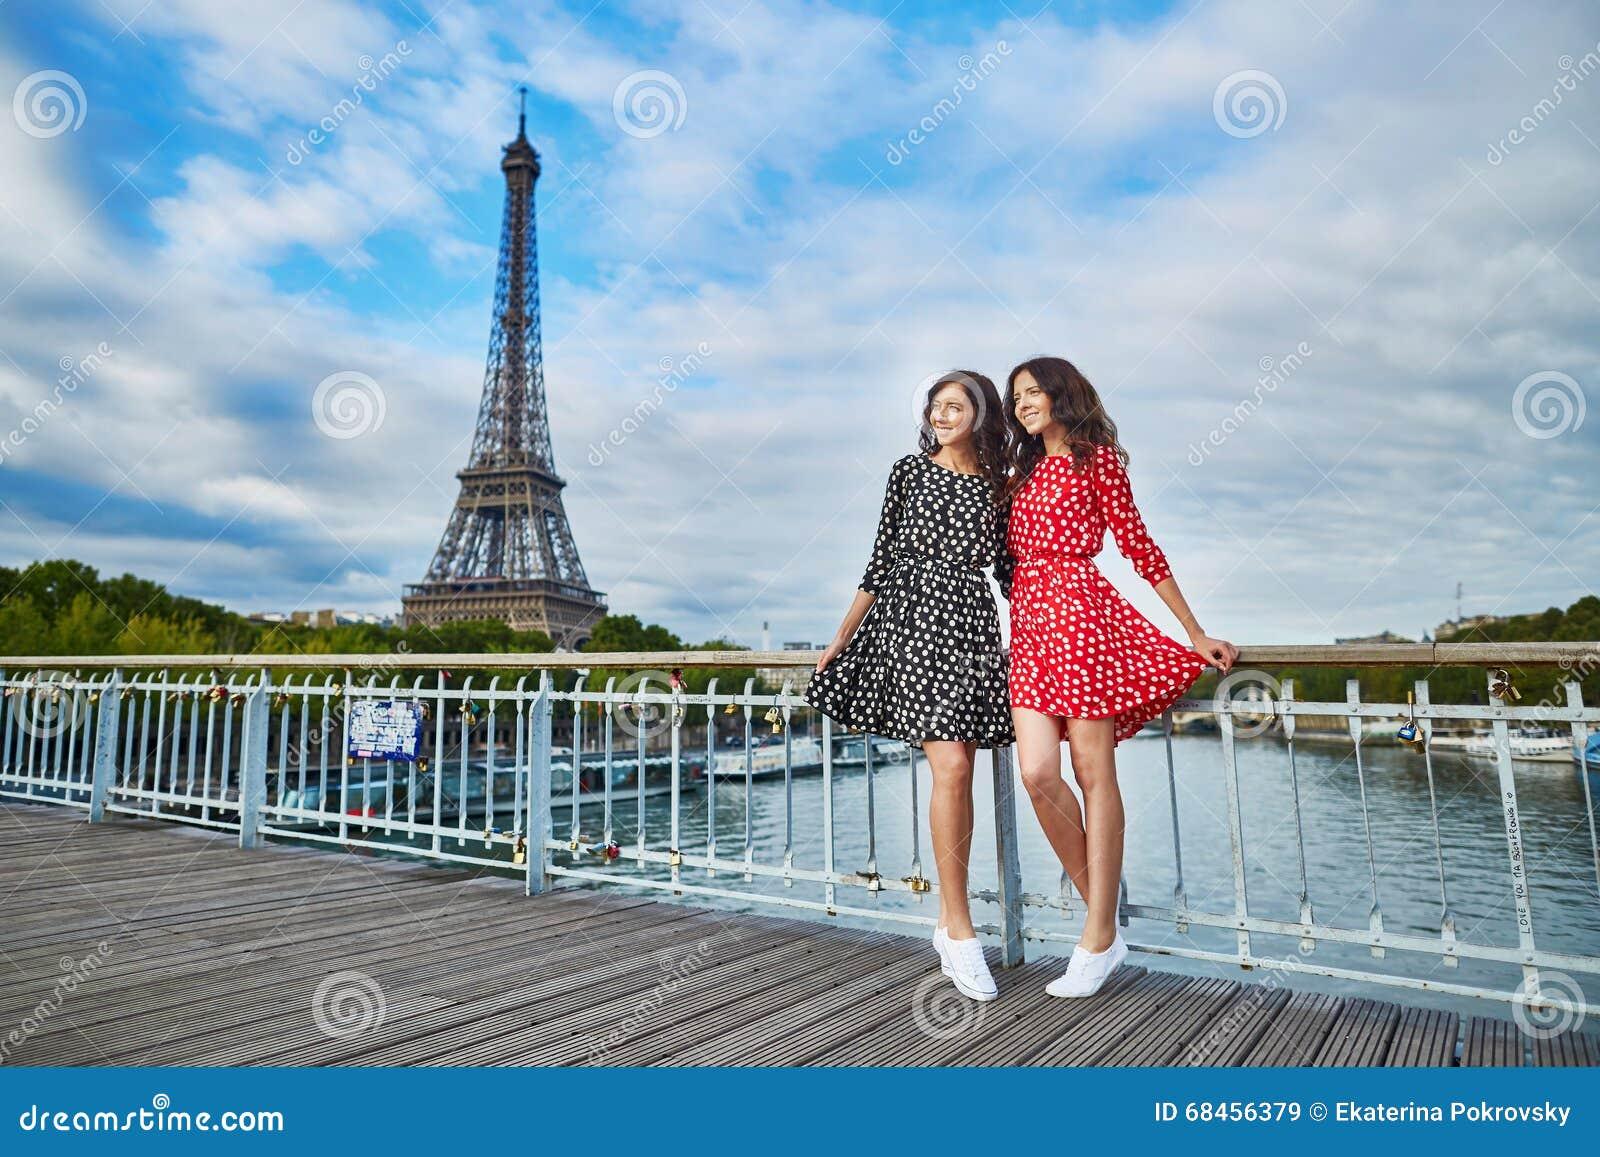 Mooie tweelingzusters voor de toren van eiffel stock foto afbeelding 68456379 - Toren voor pergola ...